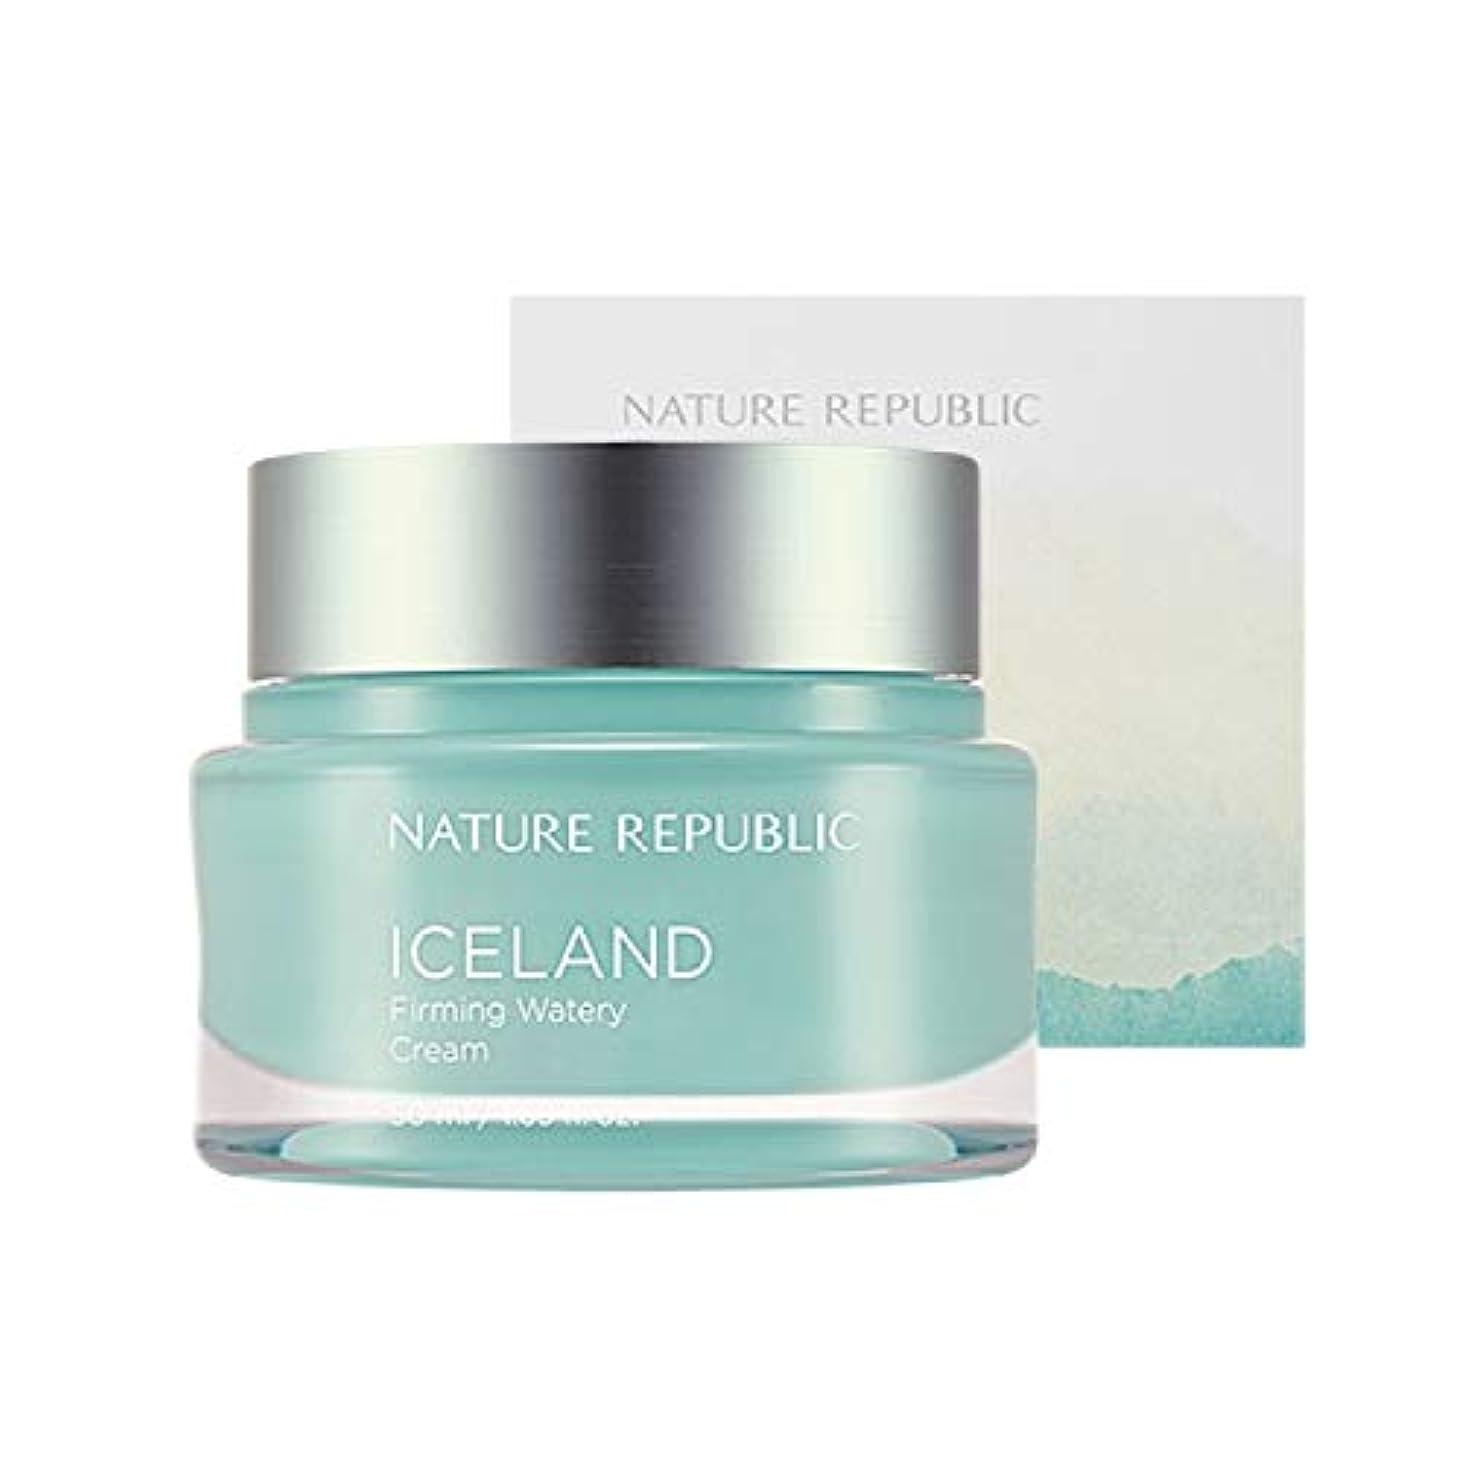 ブレンド地下室ウェブネイチャーリパブリック(Nature Republic)アイスファーミング水分クリーム50ml / Iceland Firming Watery Cream 50ml :: 韓国コスメ [並行輸入品]